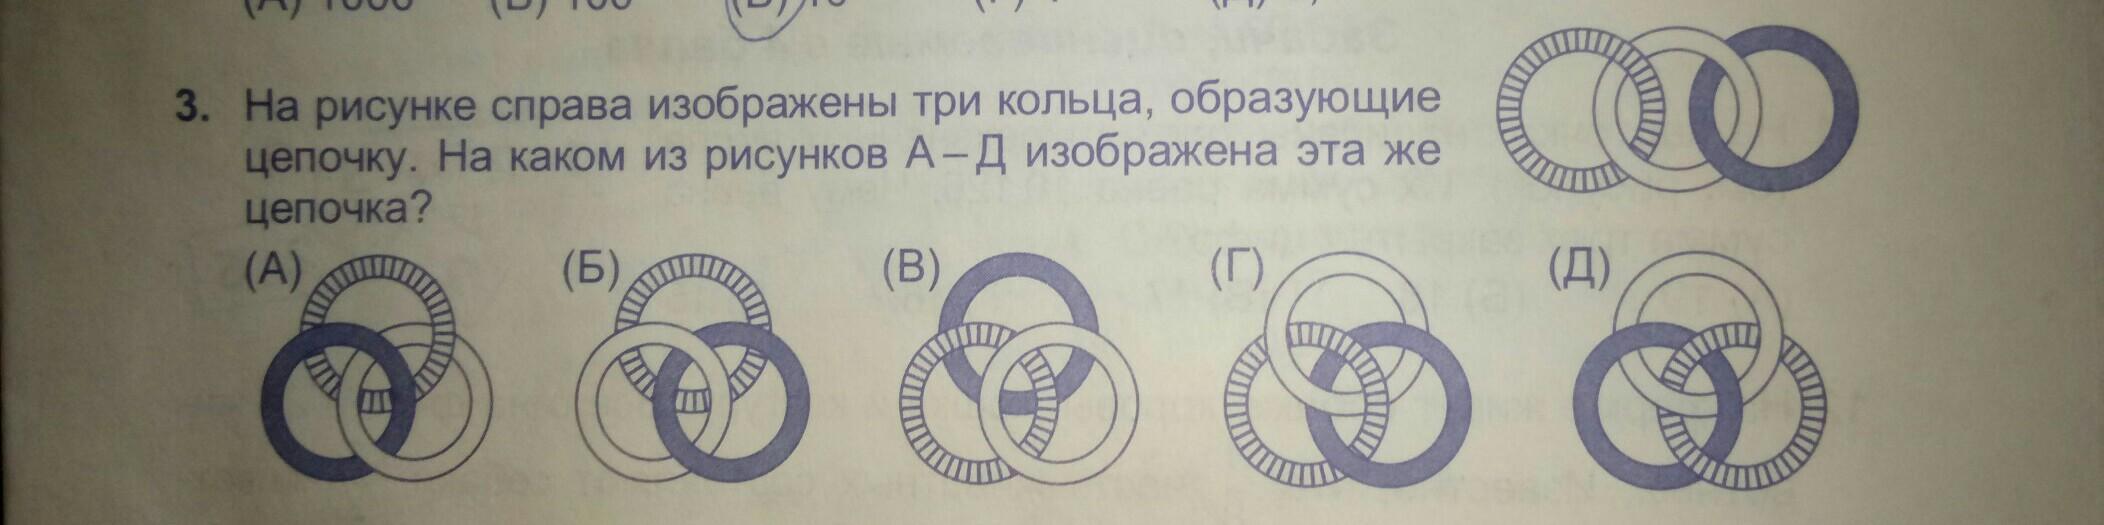 На рисунке справа изображены три кольца,